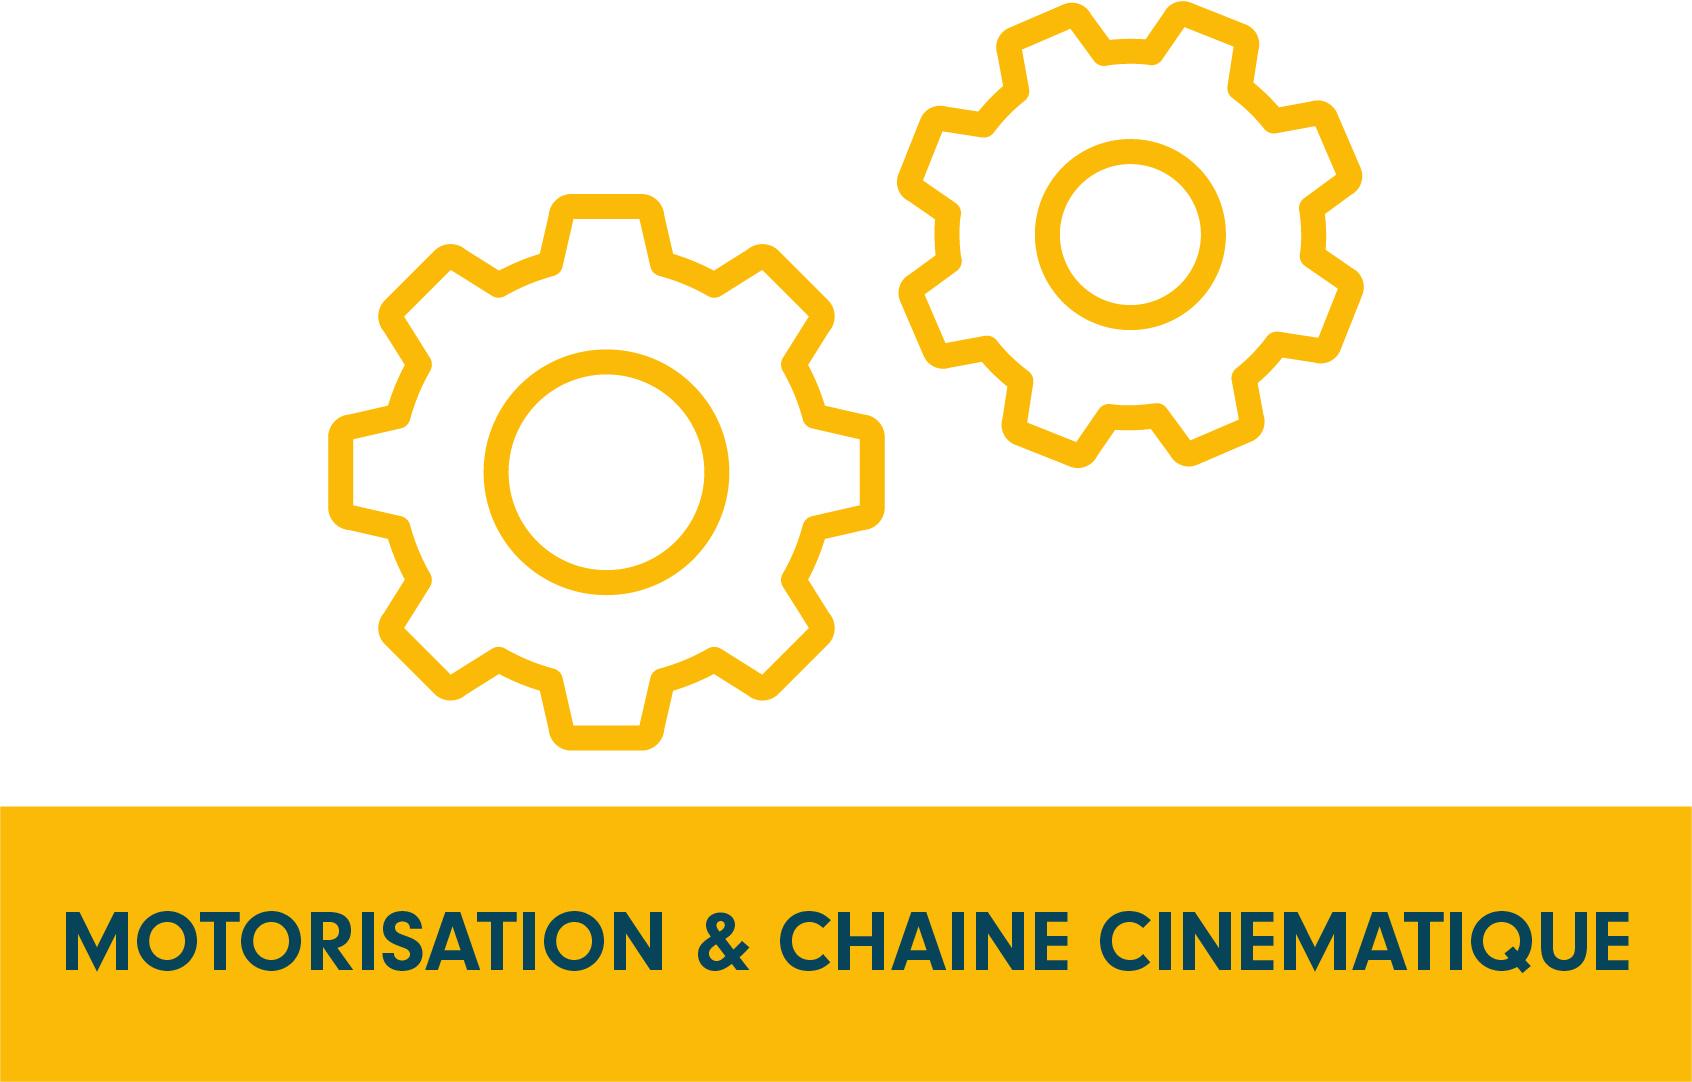 pictogramme, programme de recherche Motorisation & chaine cinématique